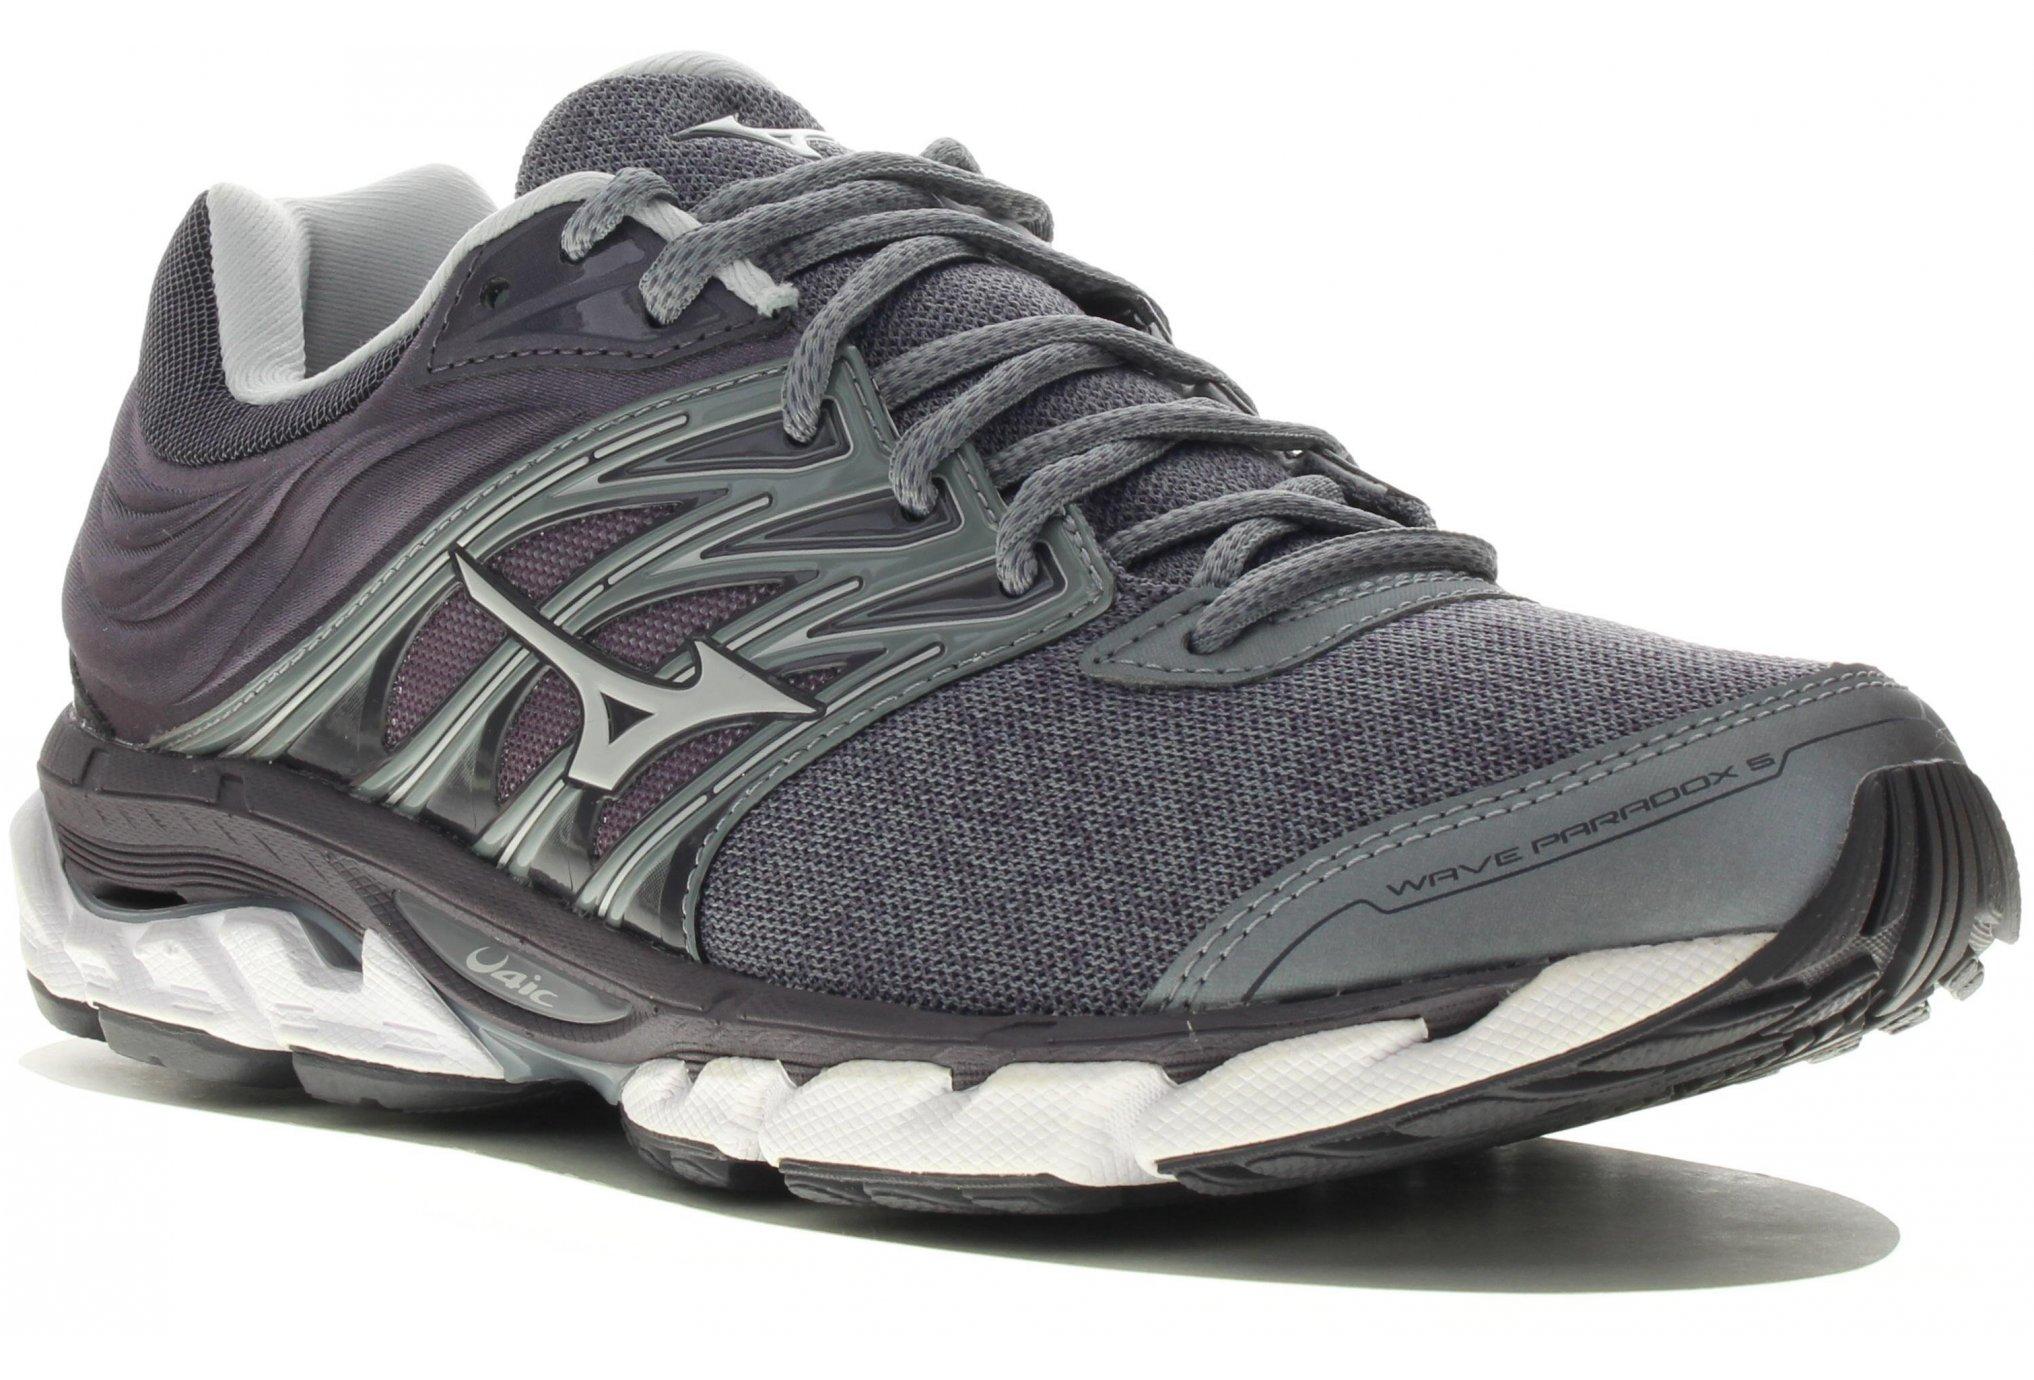 Mizuno Wave Paradox 5 W Chaussures running femme